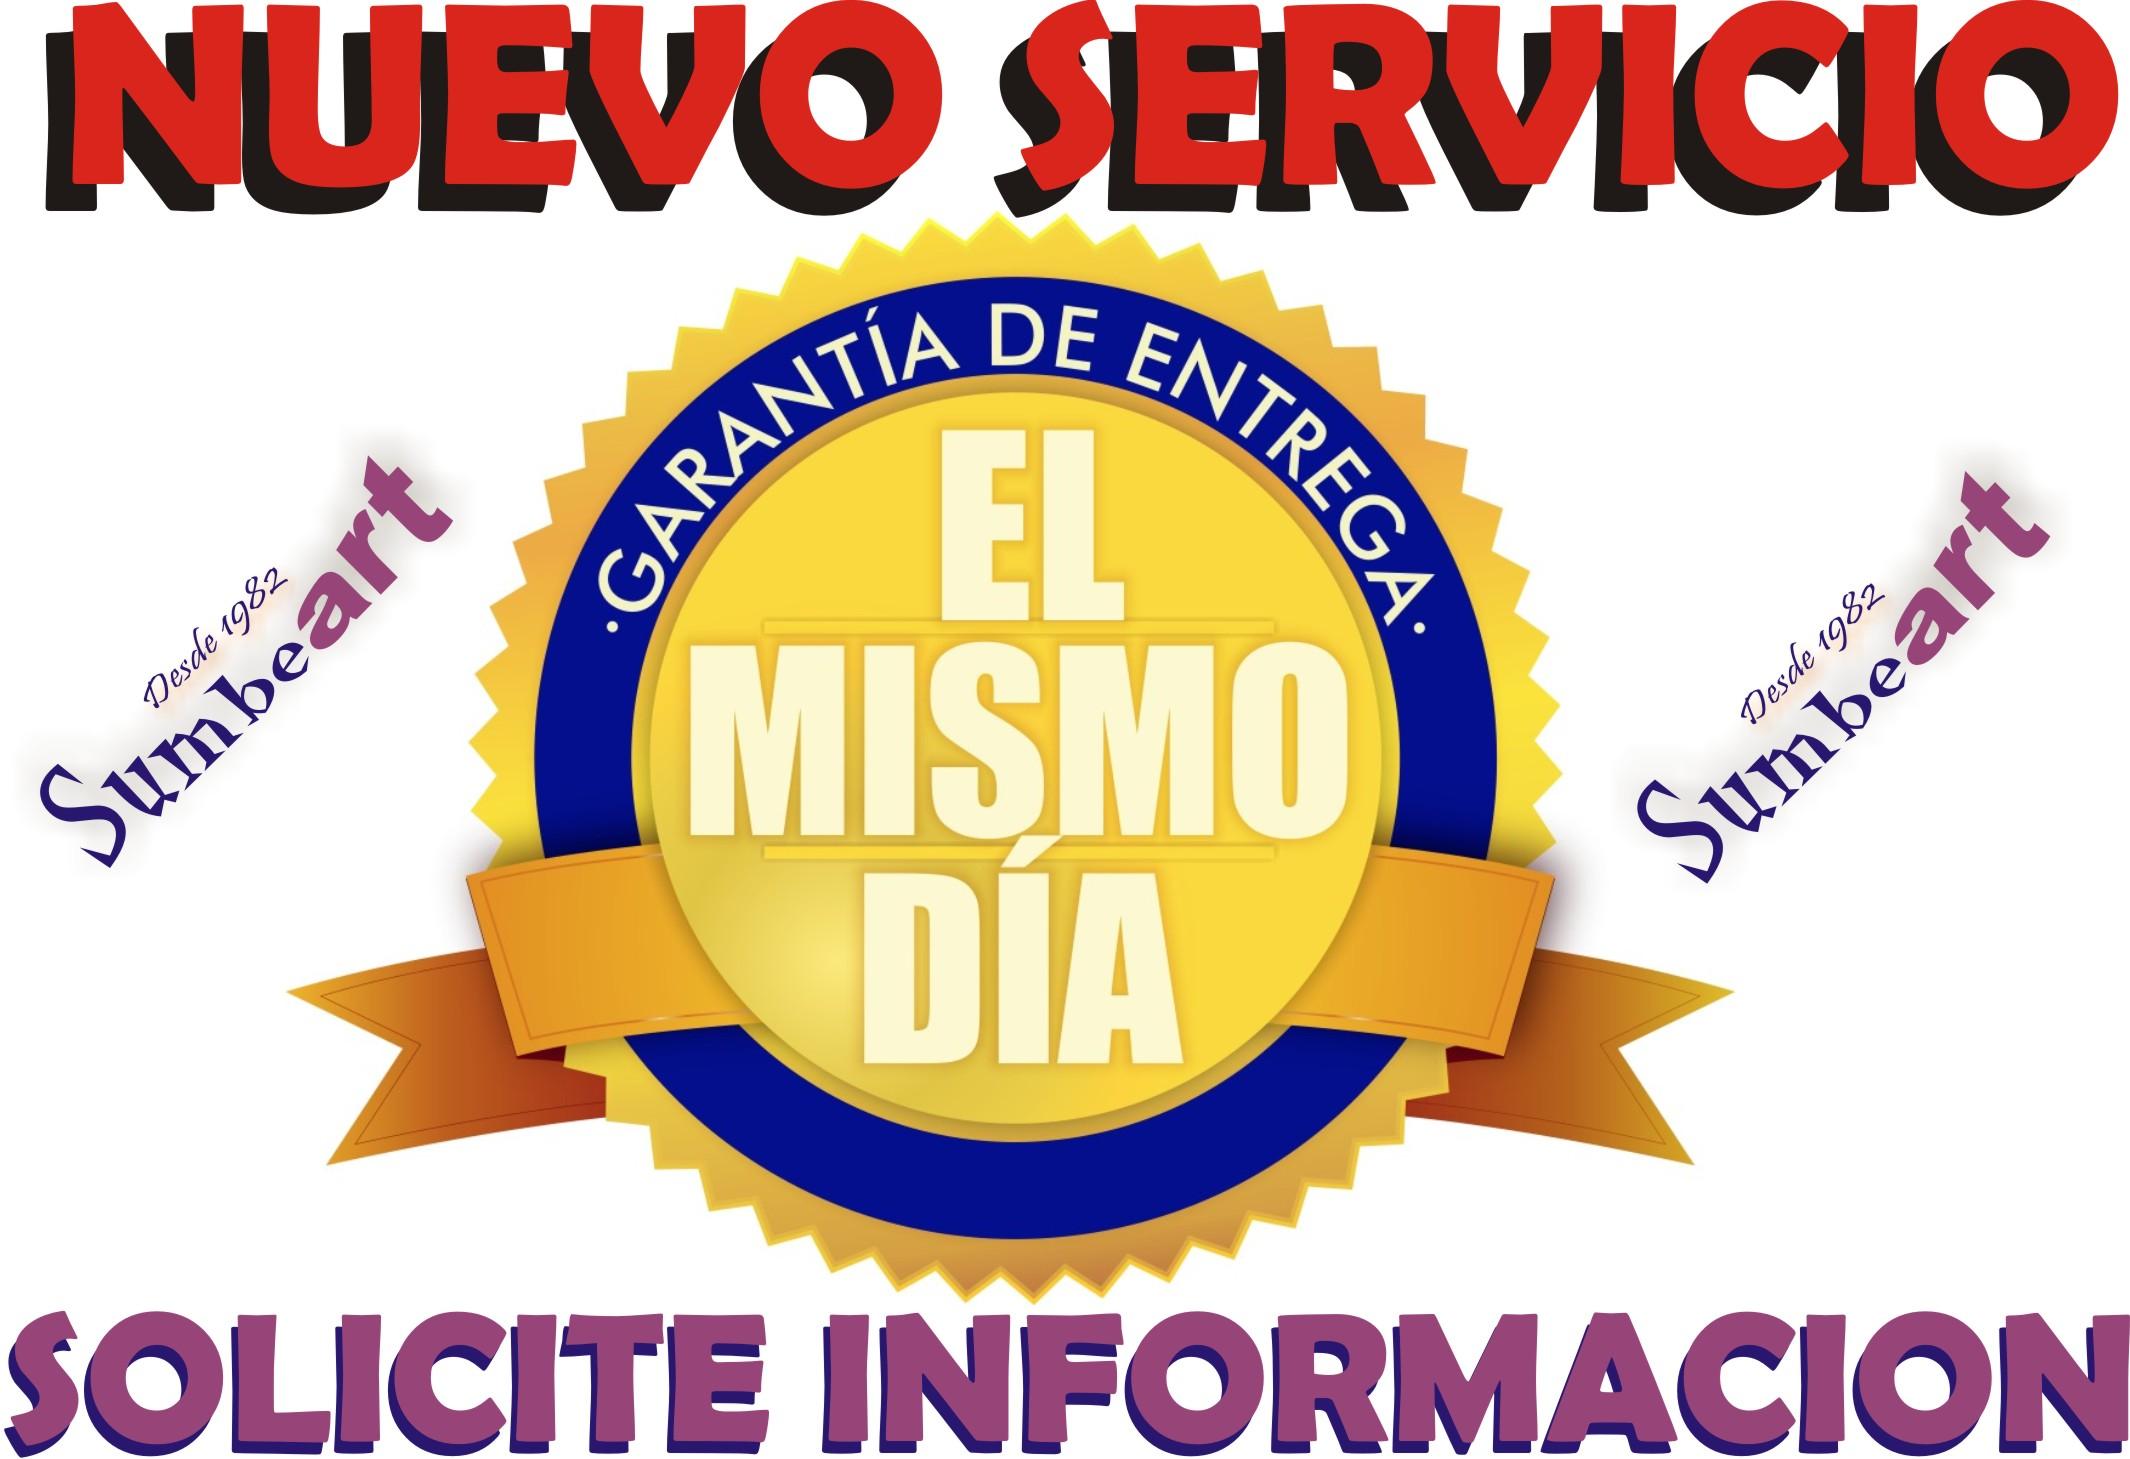 SERVICIO ENTREGA EN EL MISMO DIA